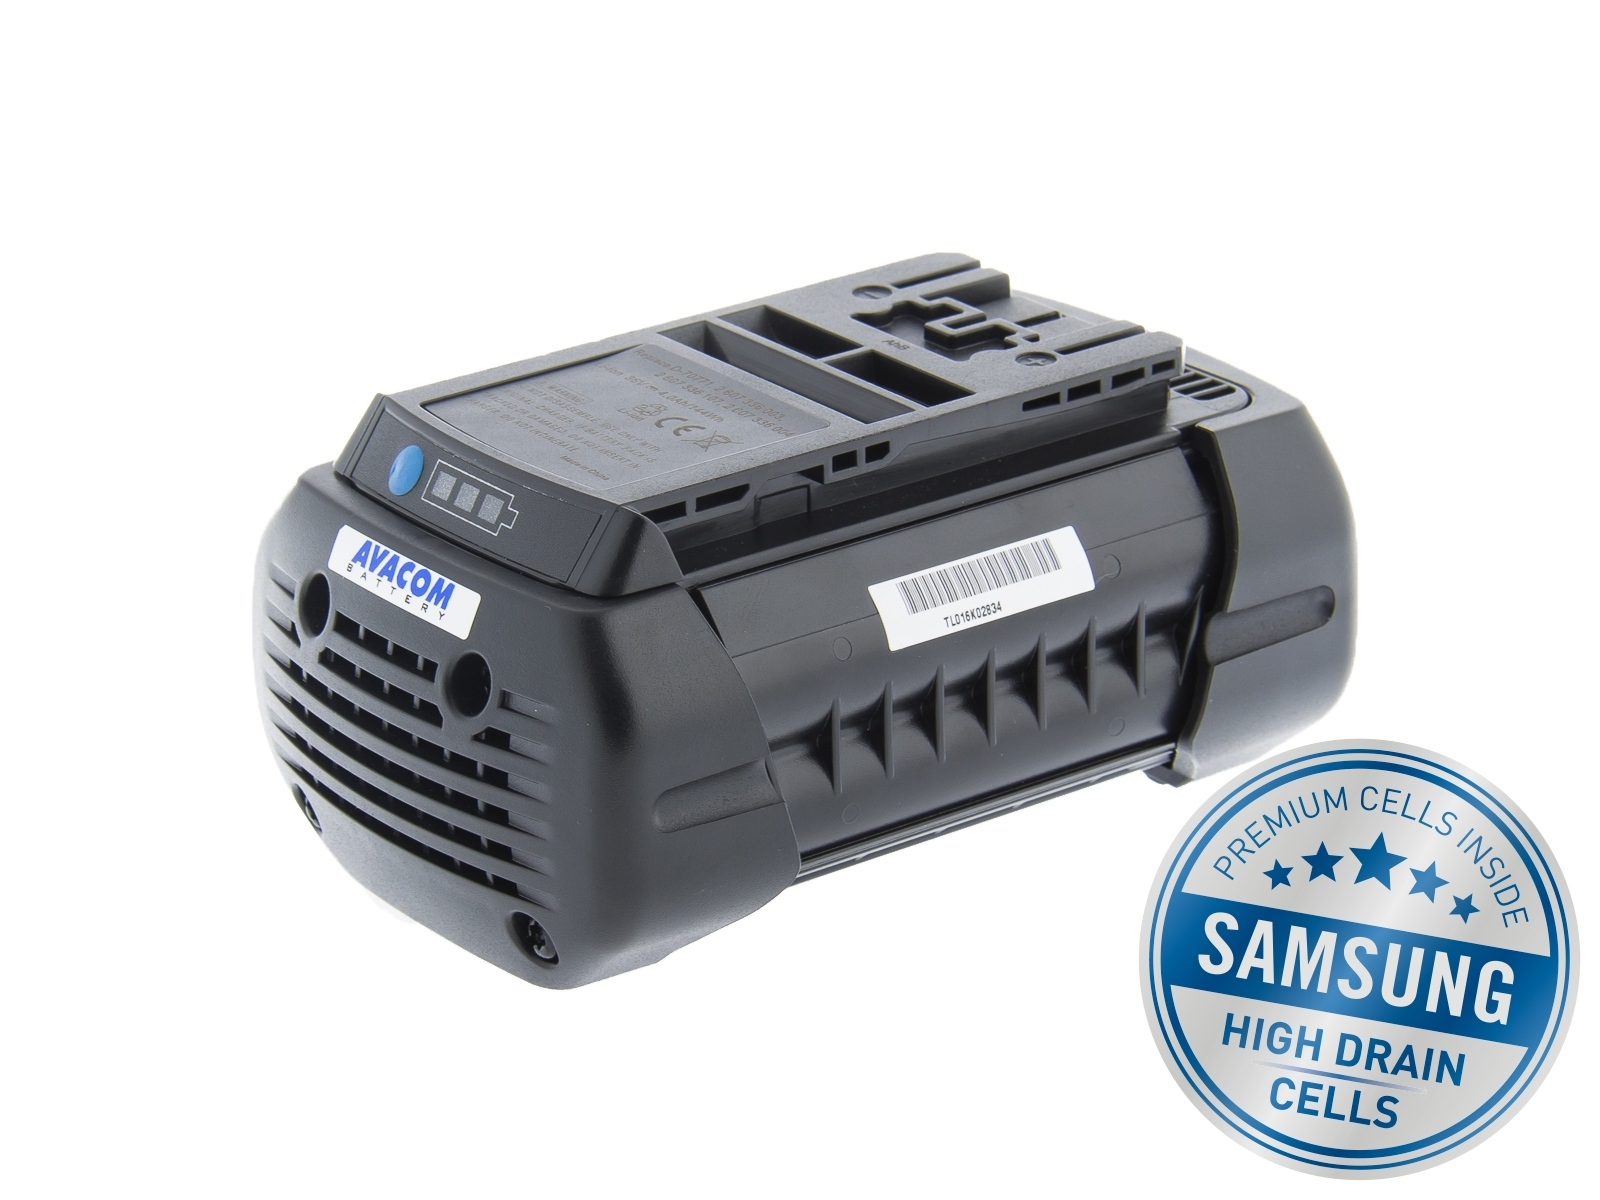 Baterie AVACOM BOSCH ROTAK 37 LI, Li-Ion 36V 4000mAh/144Wh, články SAMSUNG